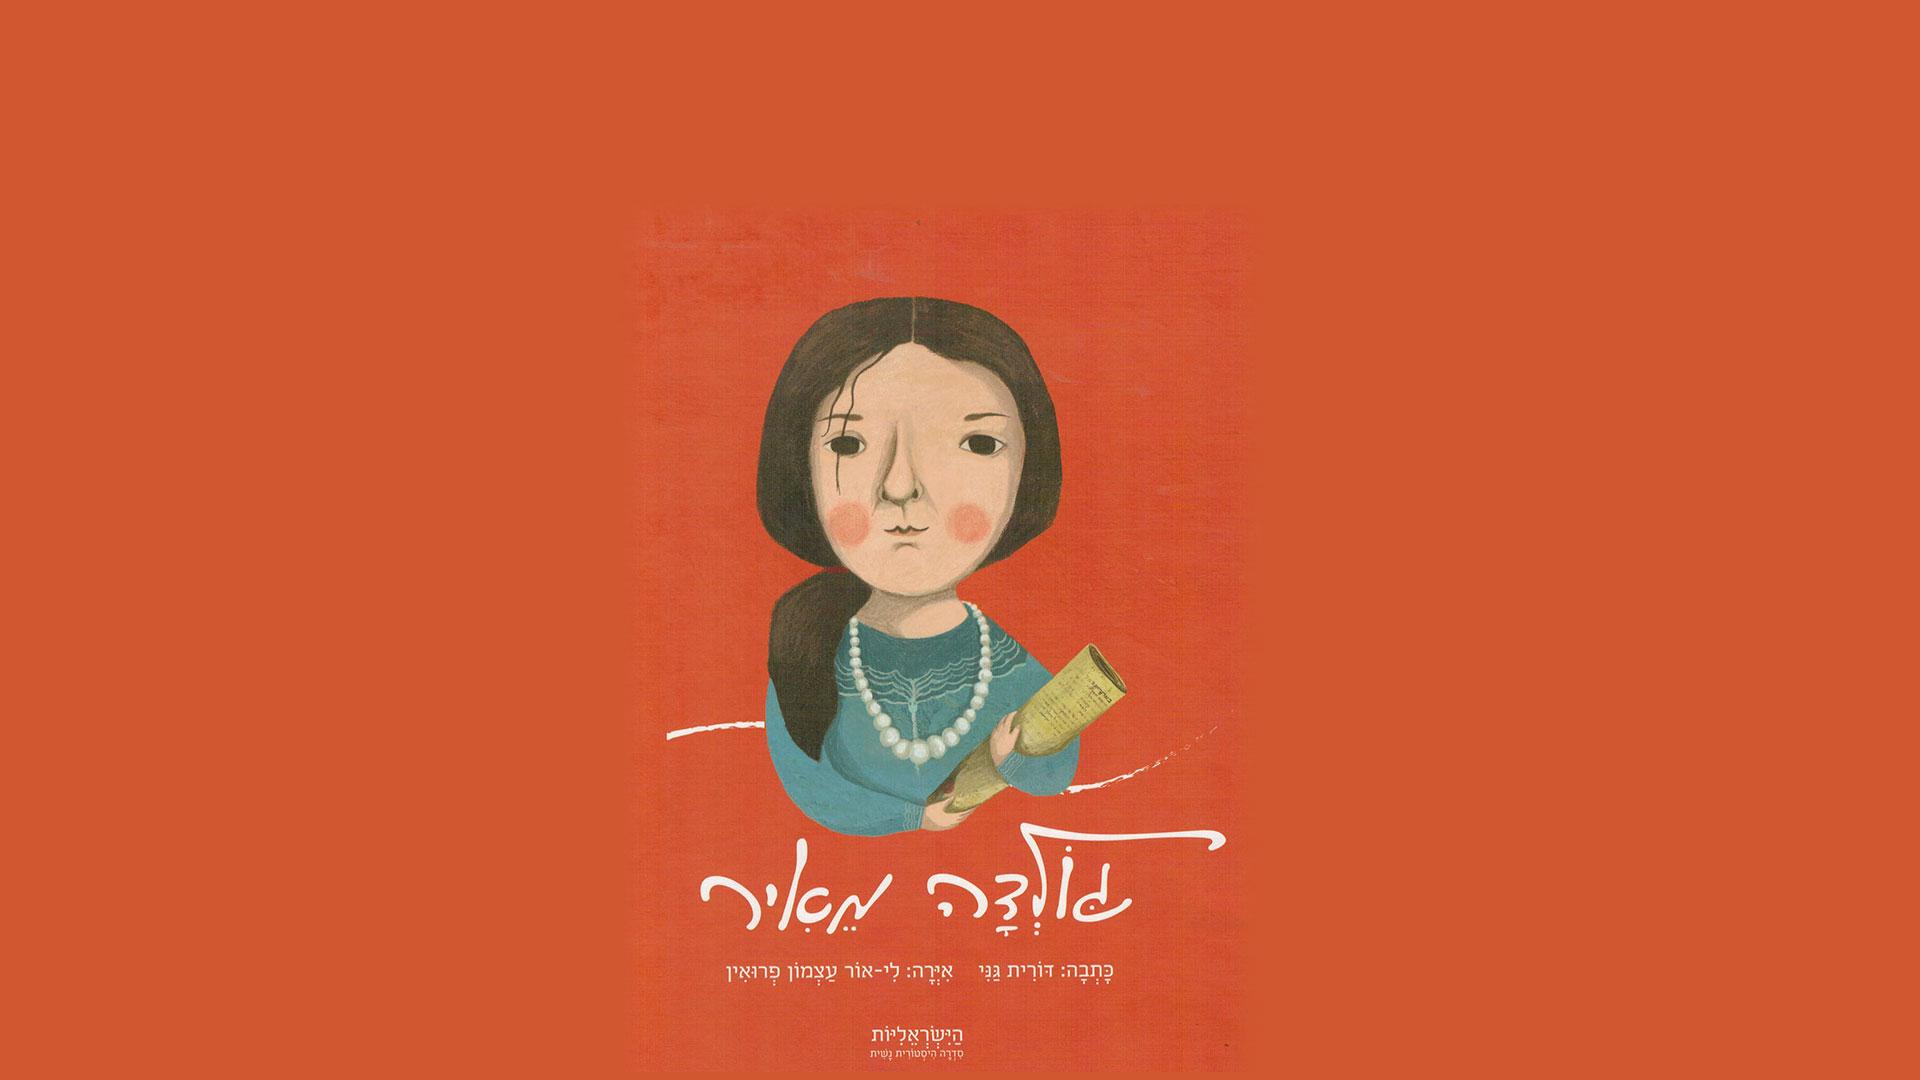 ביוגרפיה מאוירת של גולדה מאיר לילדות